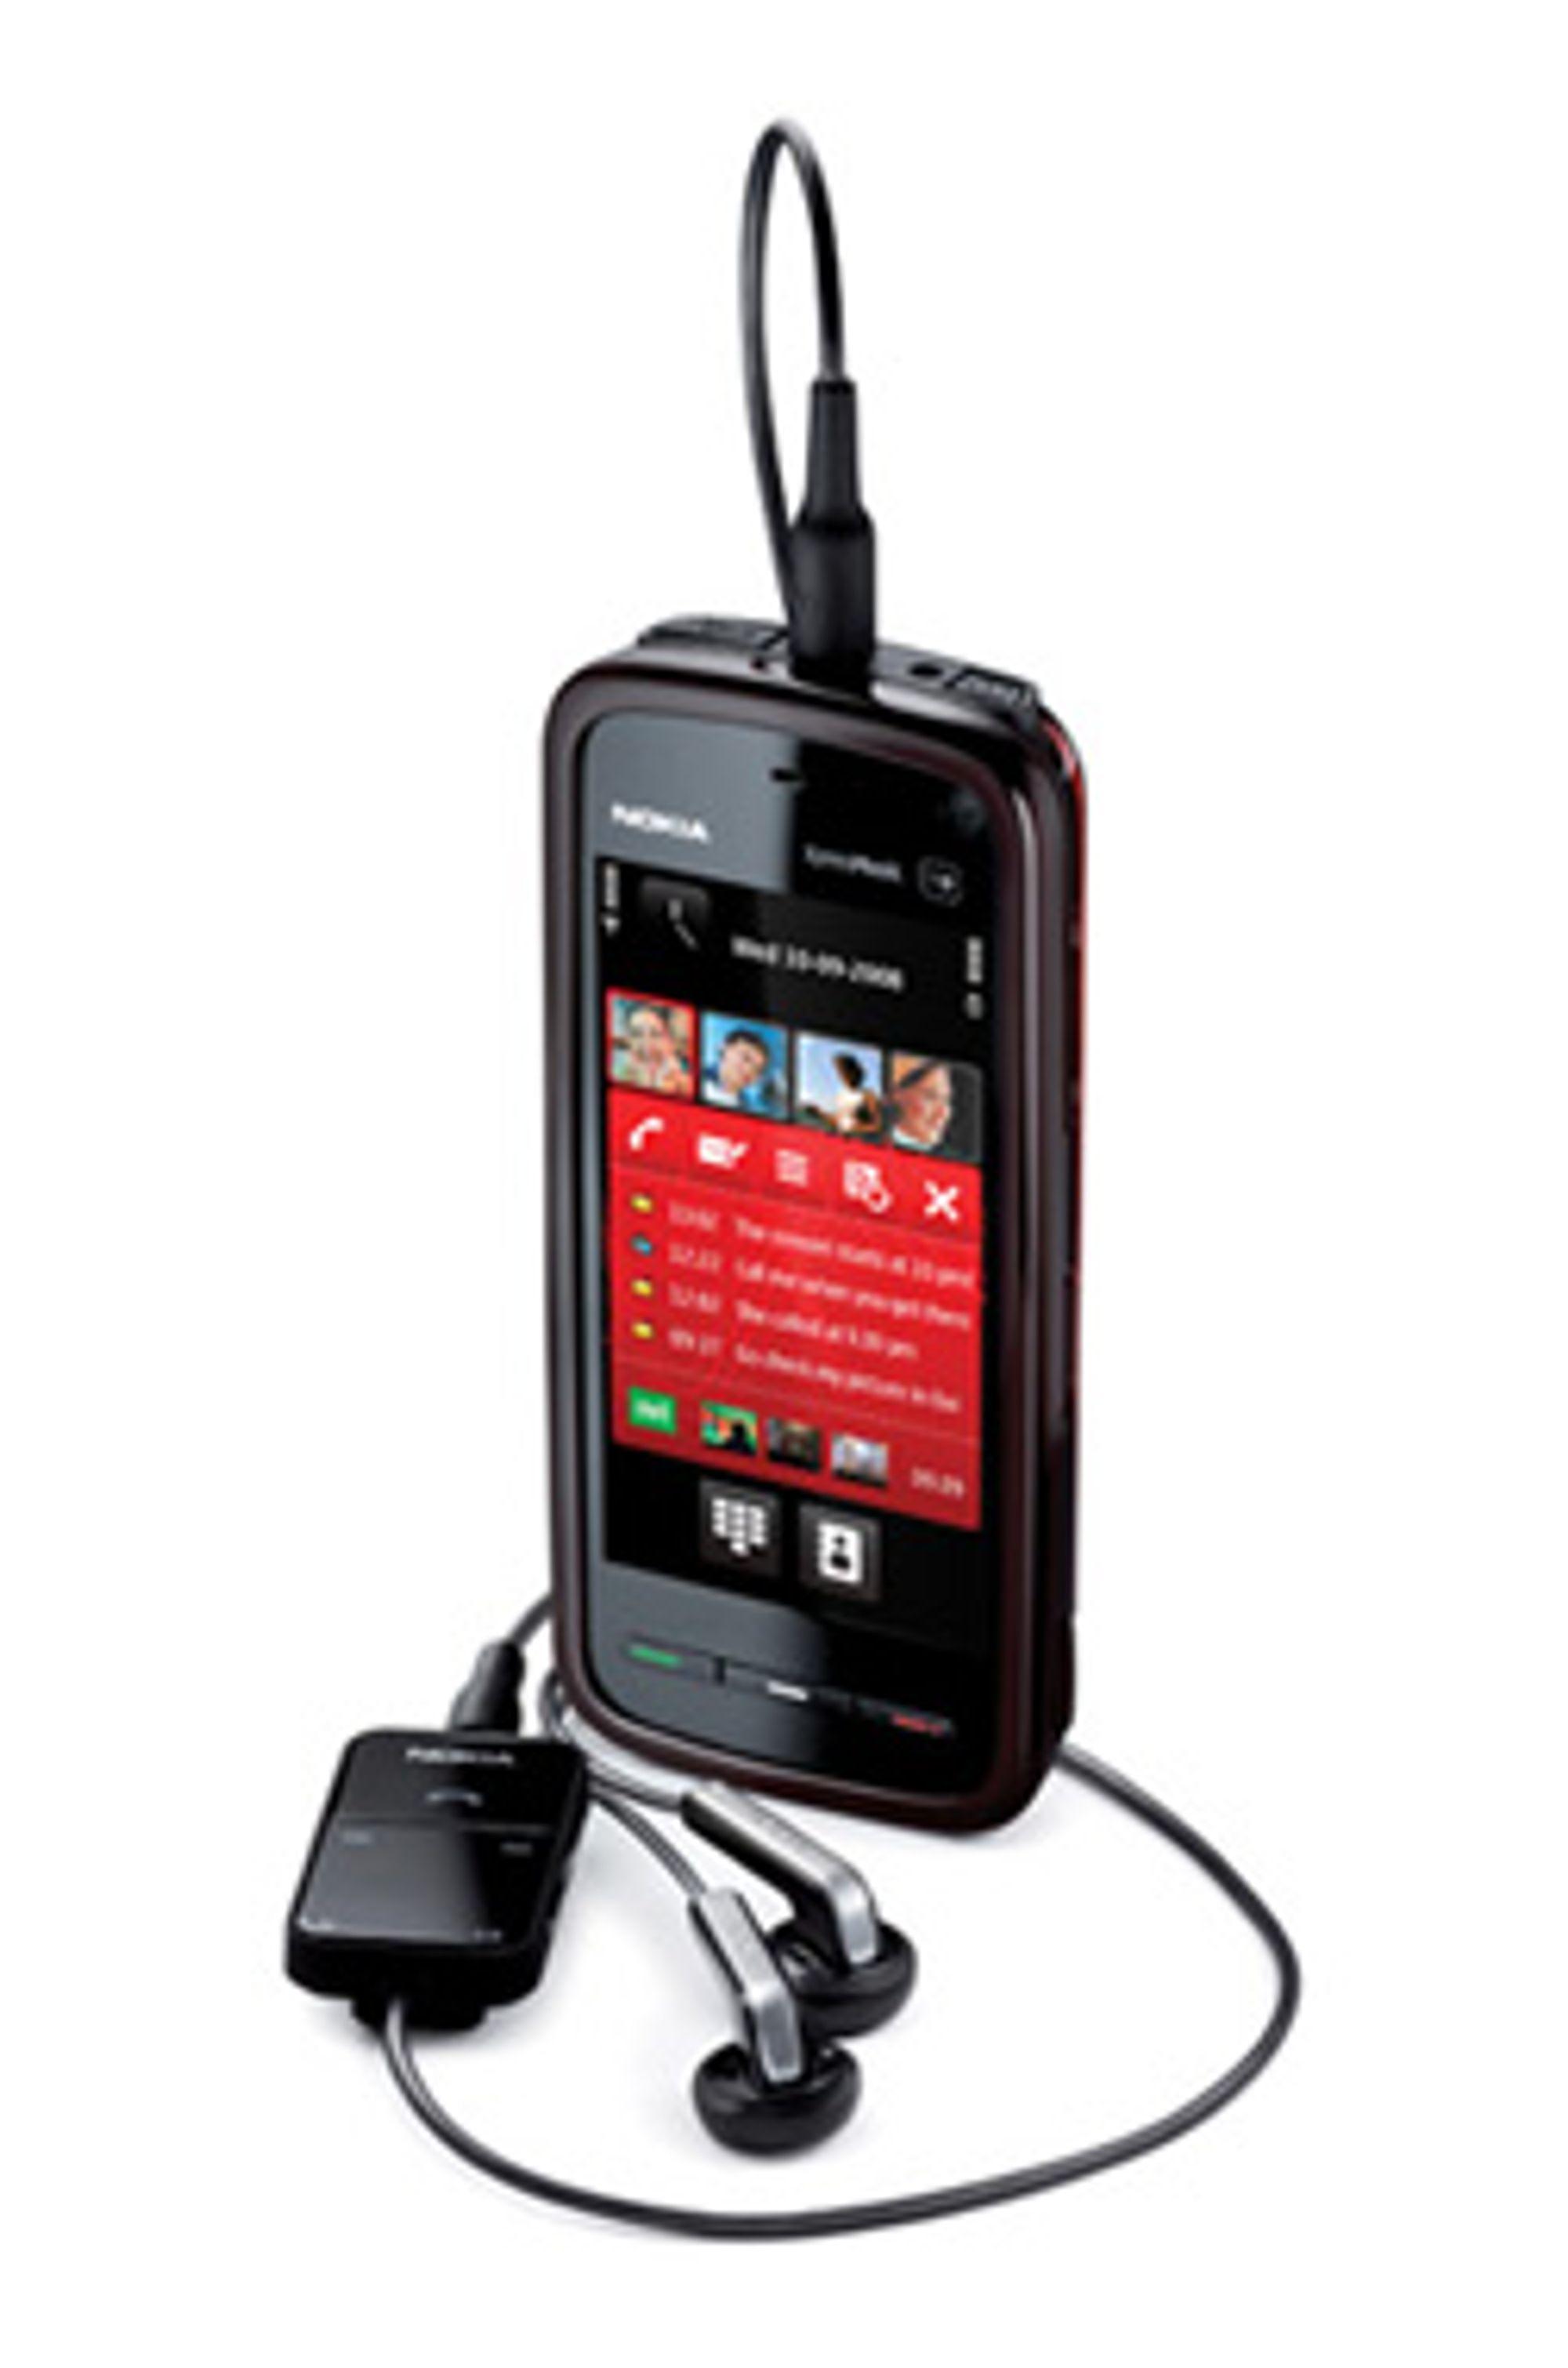 Nokia 5800 fungerer dårlig i USA. (Foto: Nokia)